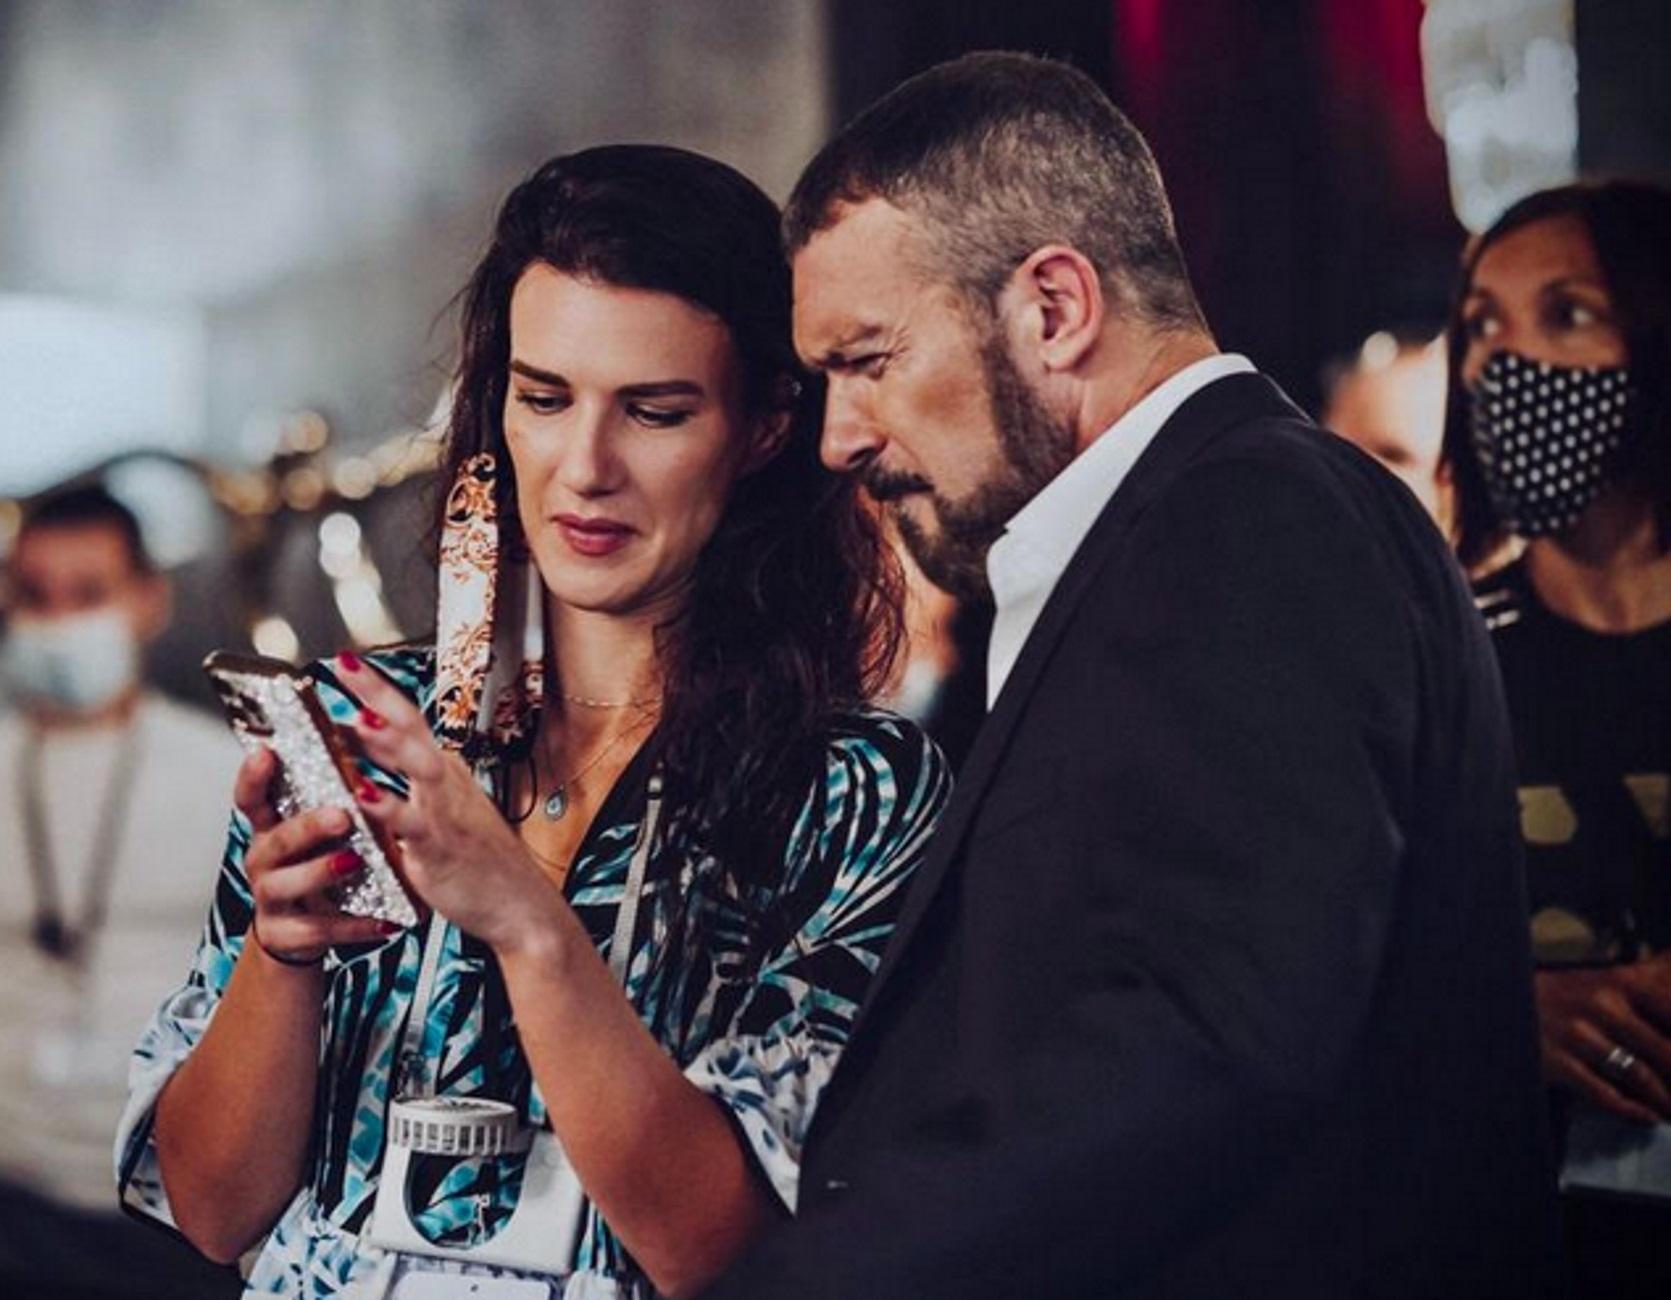 Θεσσαλονίκη: Τα περίεργα αιτήματα πασίγνωστων ηθοποιών πριν και μετά τα γυρίσματα στην πόλη